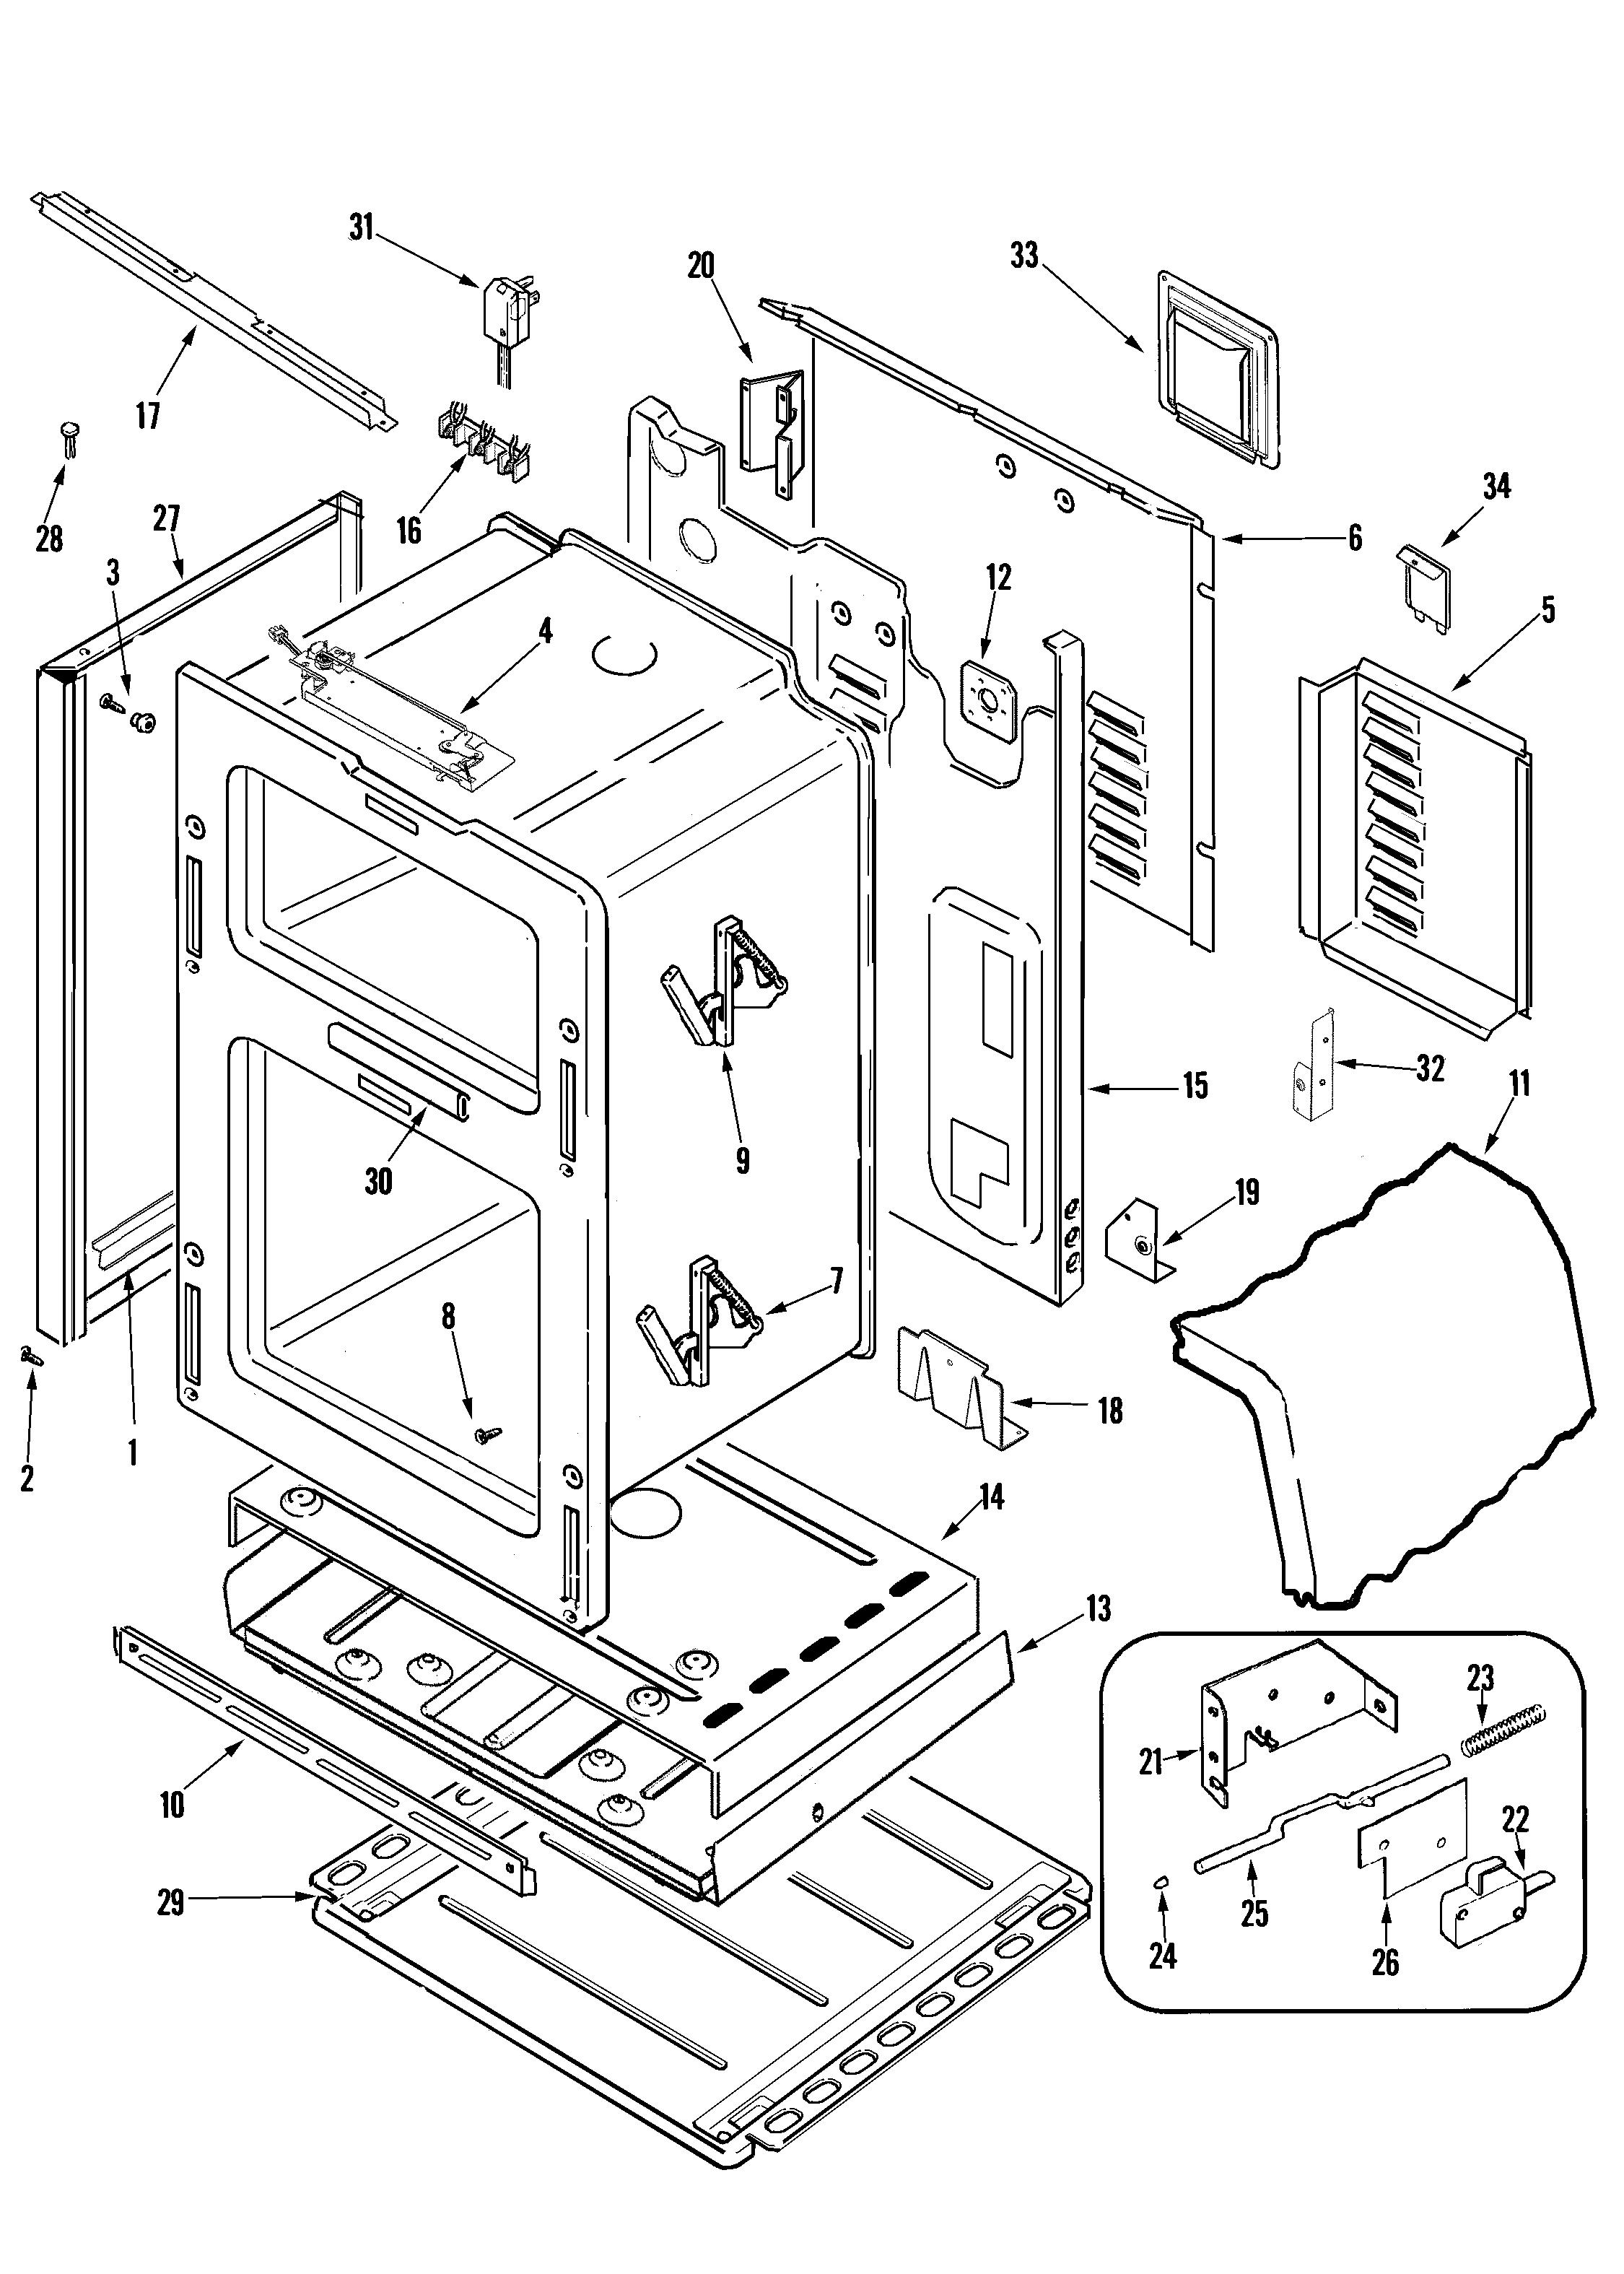 Maytag maytag cooking parts model mgr6875ads sears partsdirect charming maytag atlantis wiring diagram